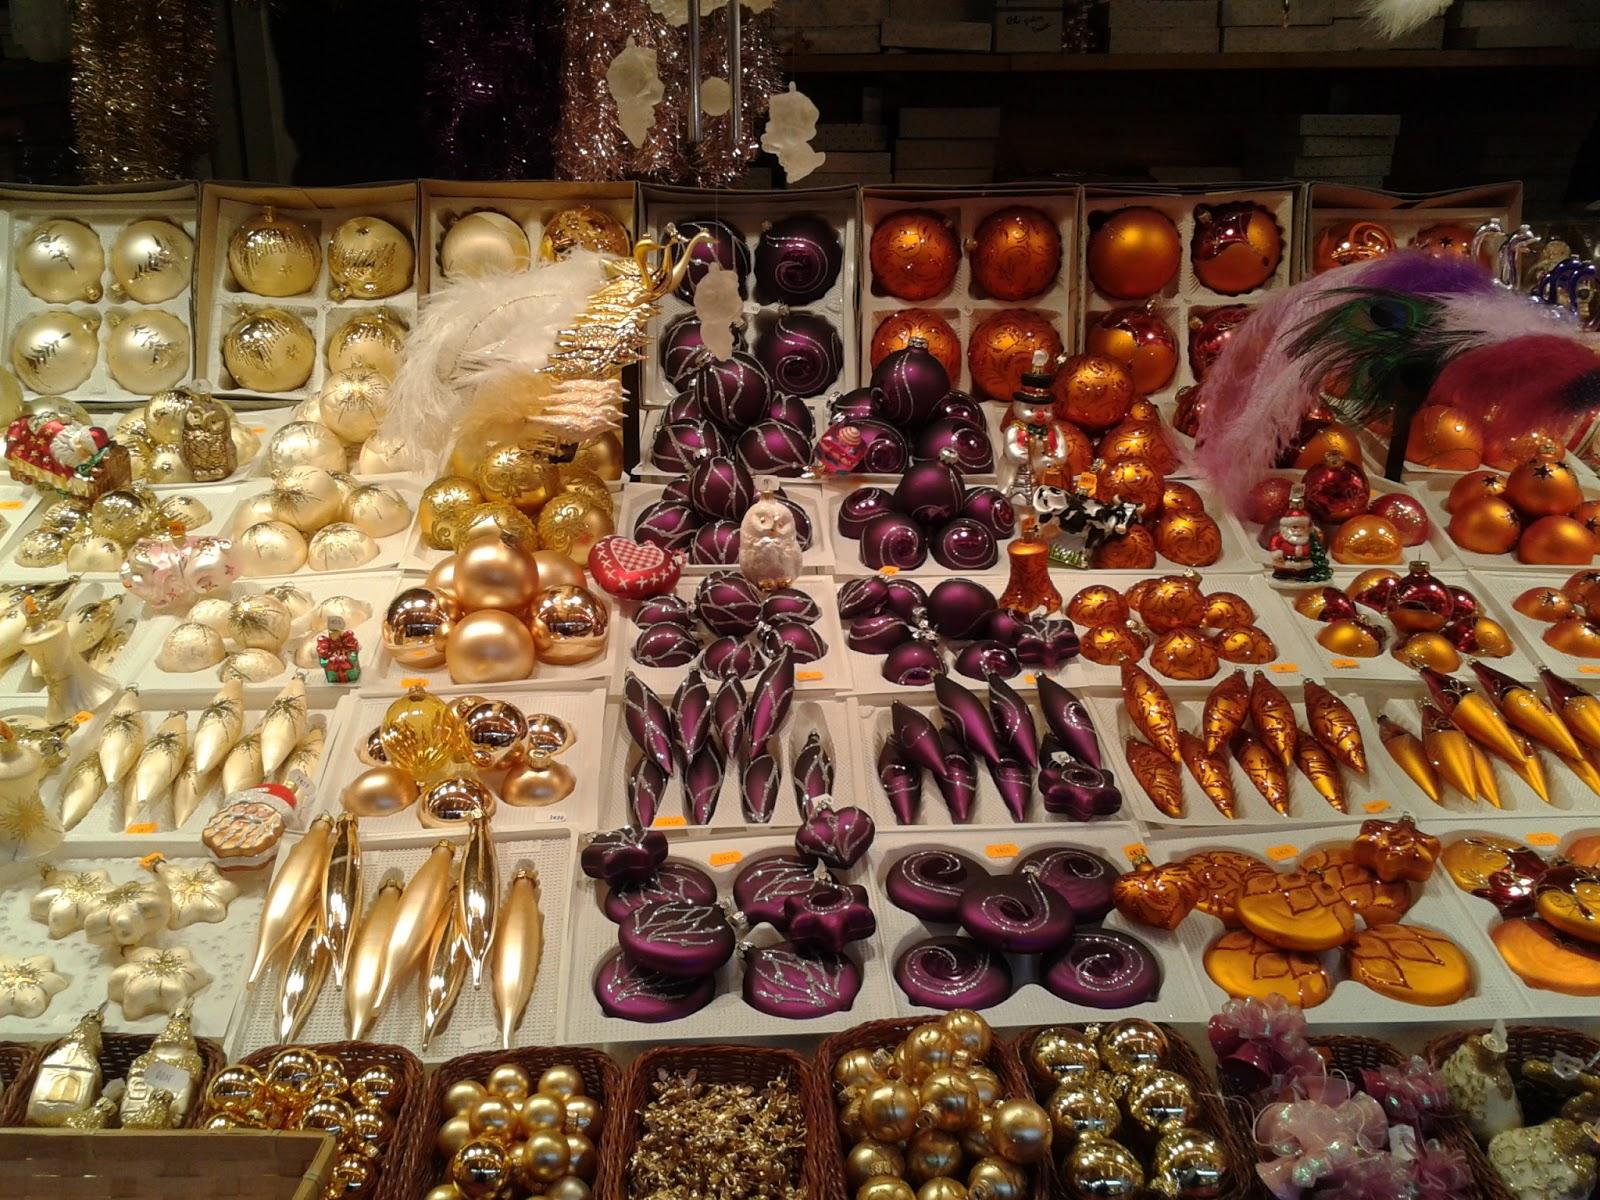 #AB4220 Projet Anastasis En Images : Le Marché De Noël De  5347 décorations de noel bon marché 1600x1200 px @ aertt.com